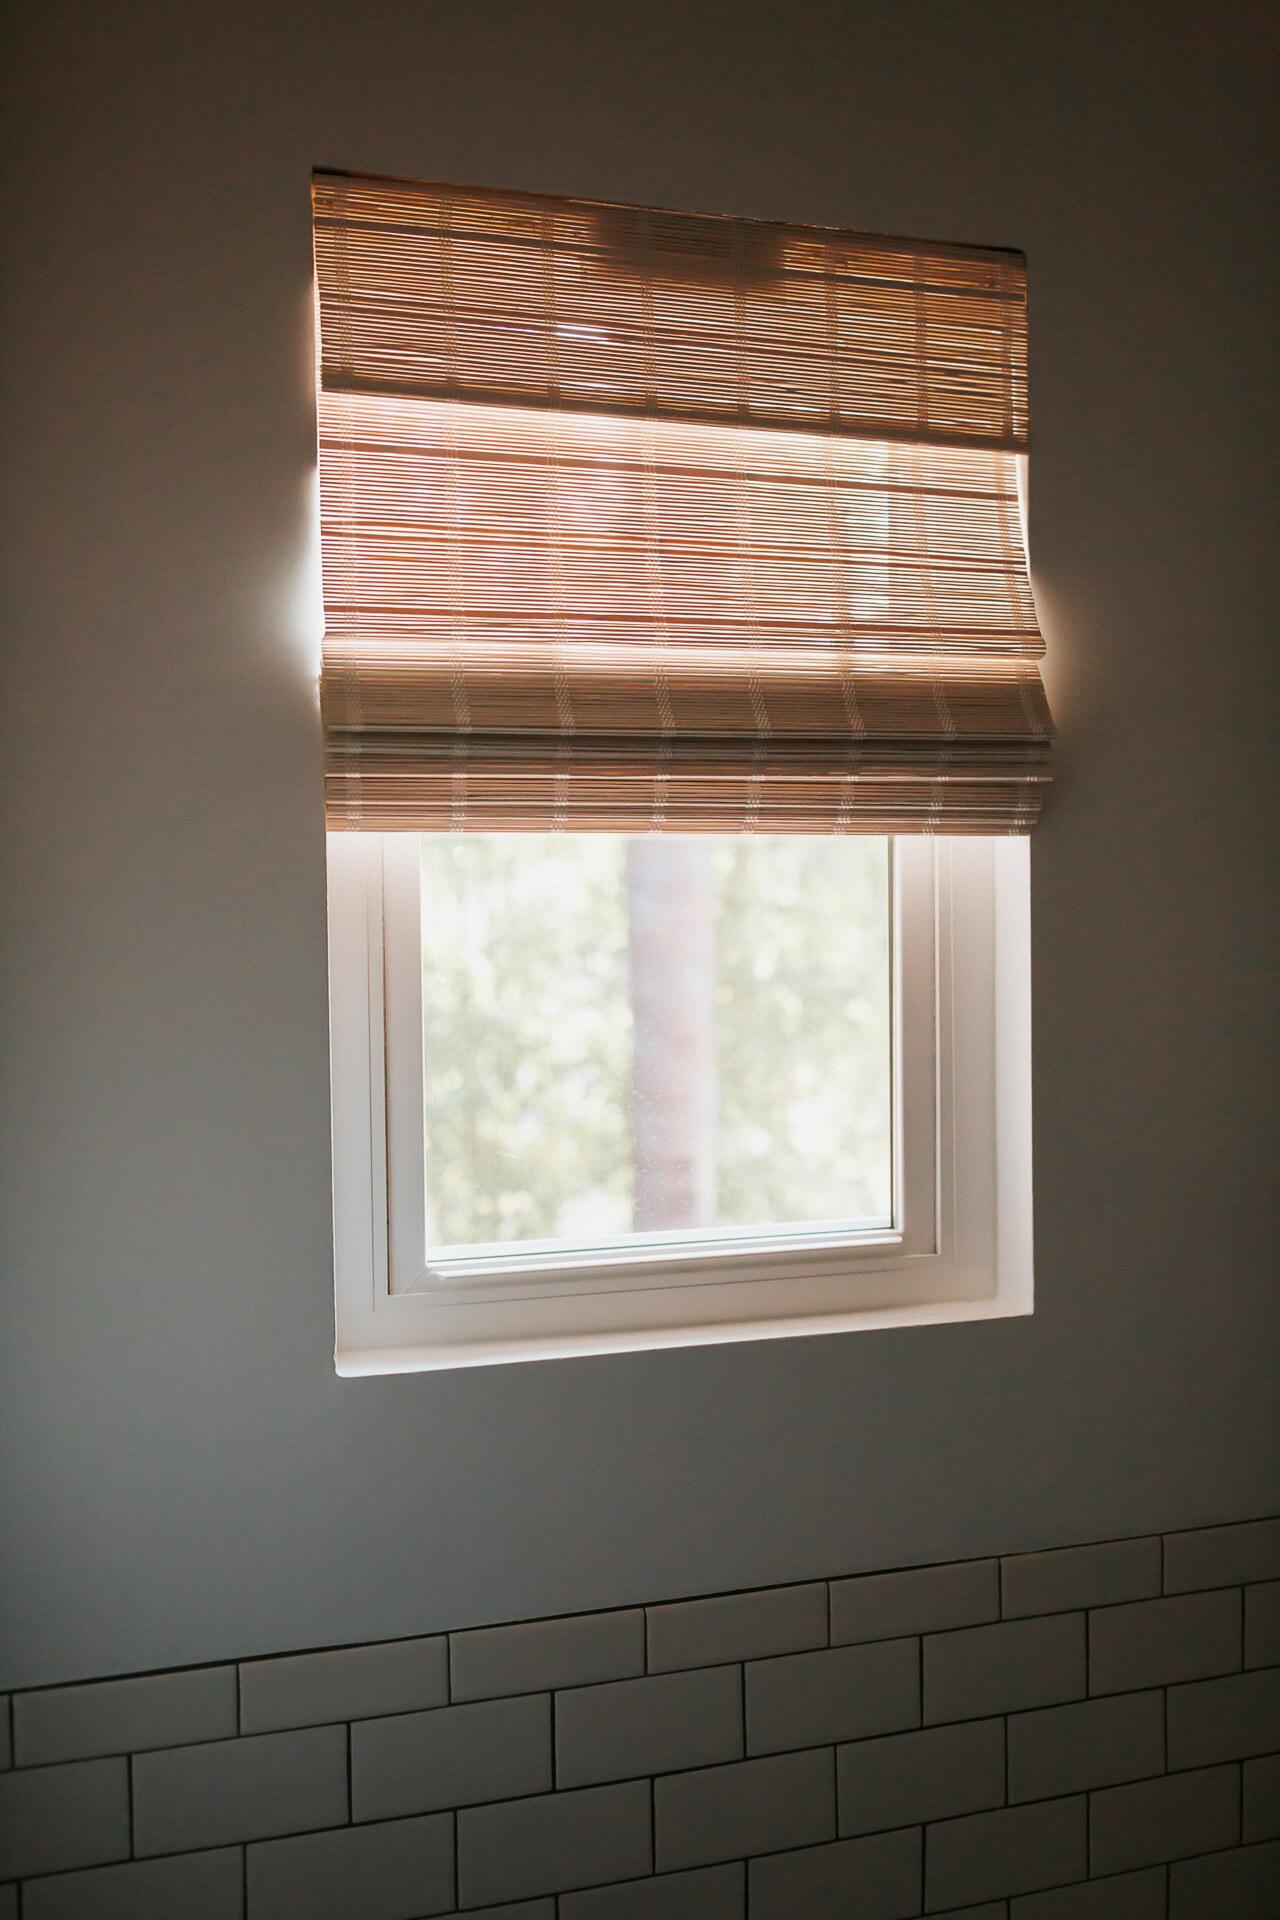 A bathroom window fixture in a neutral shade. - M Loves M @marmar